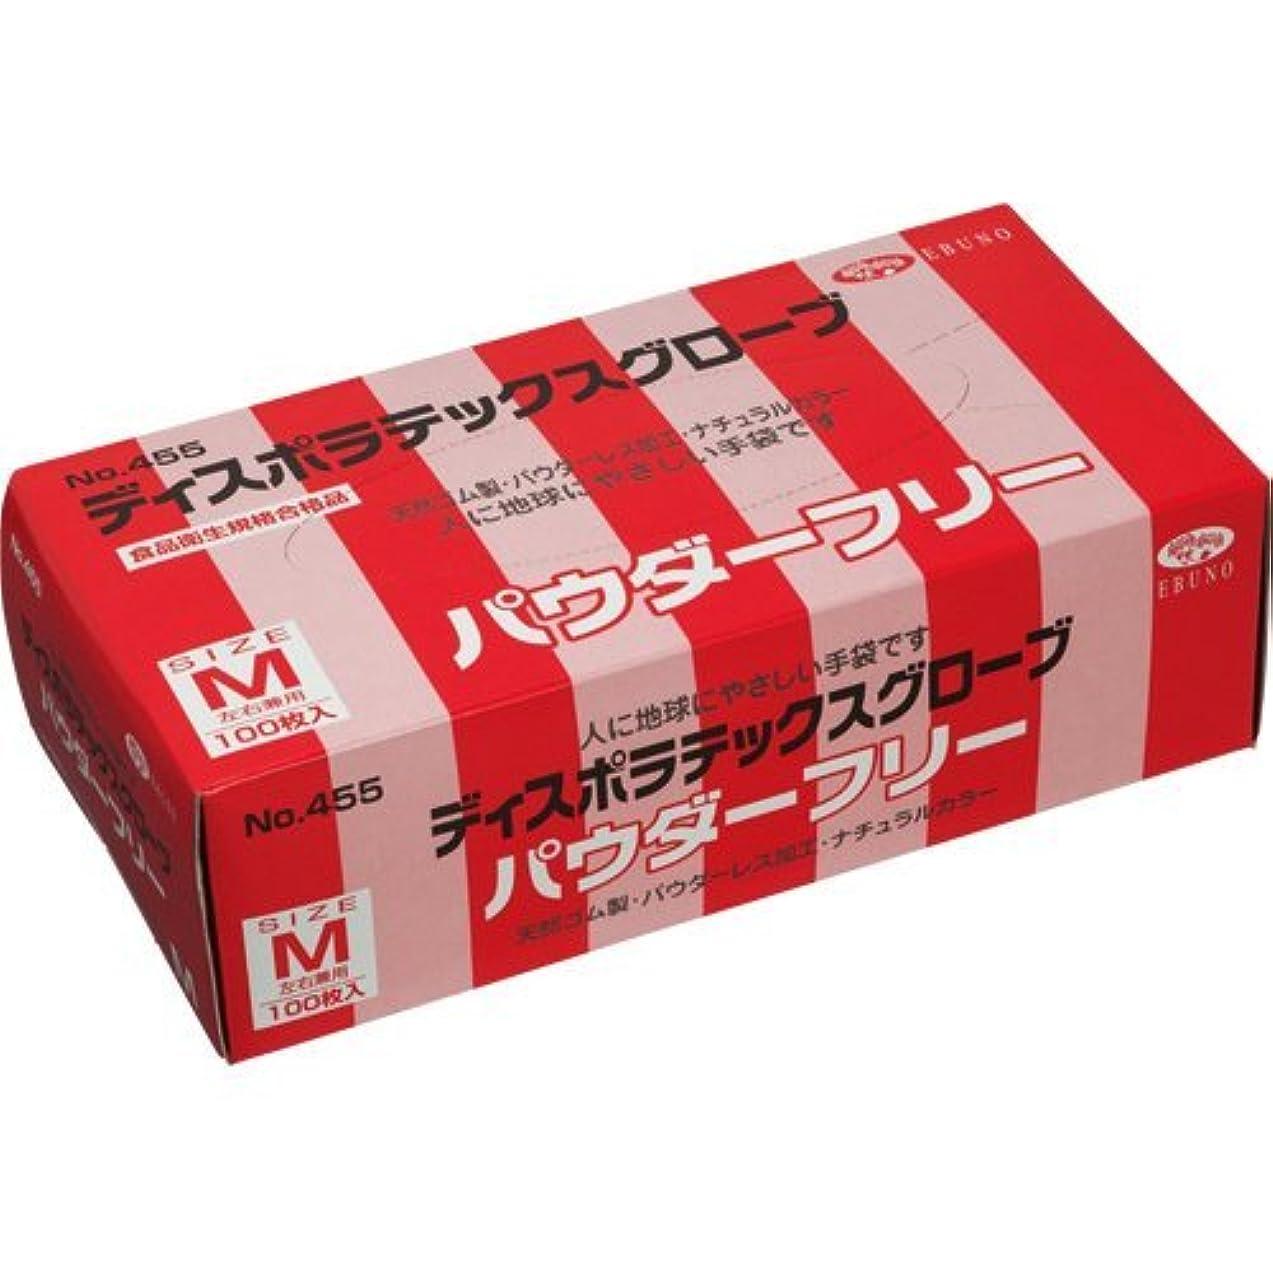 [エブノ 2657288] (ケア商品)ディスポラテックスグローブ No.455 パウダーフリー M 100枚入